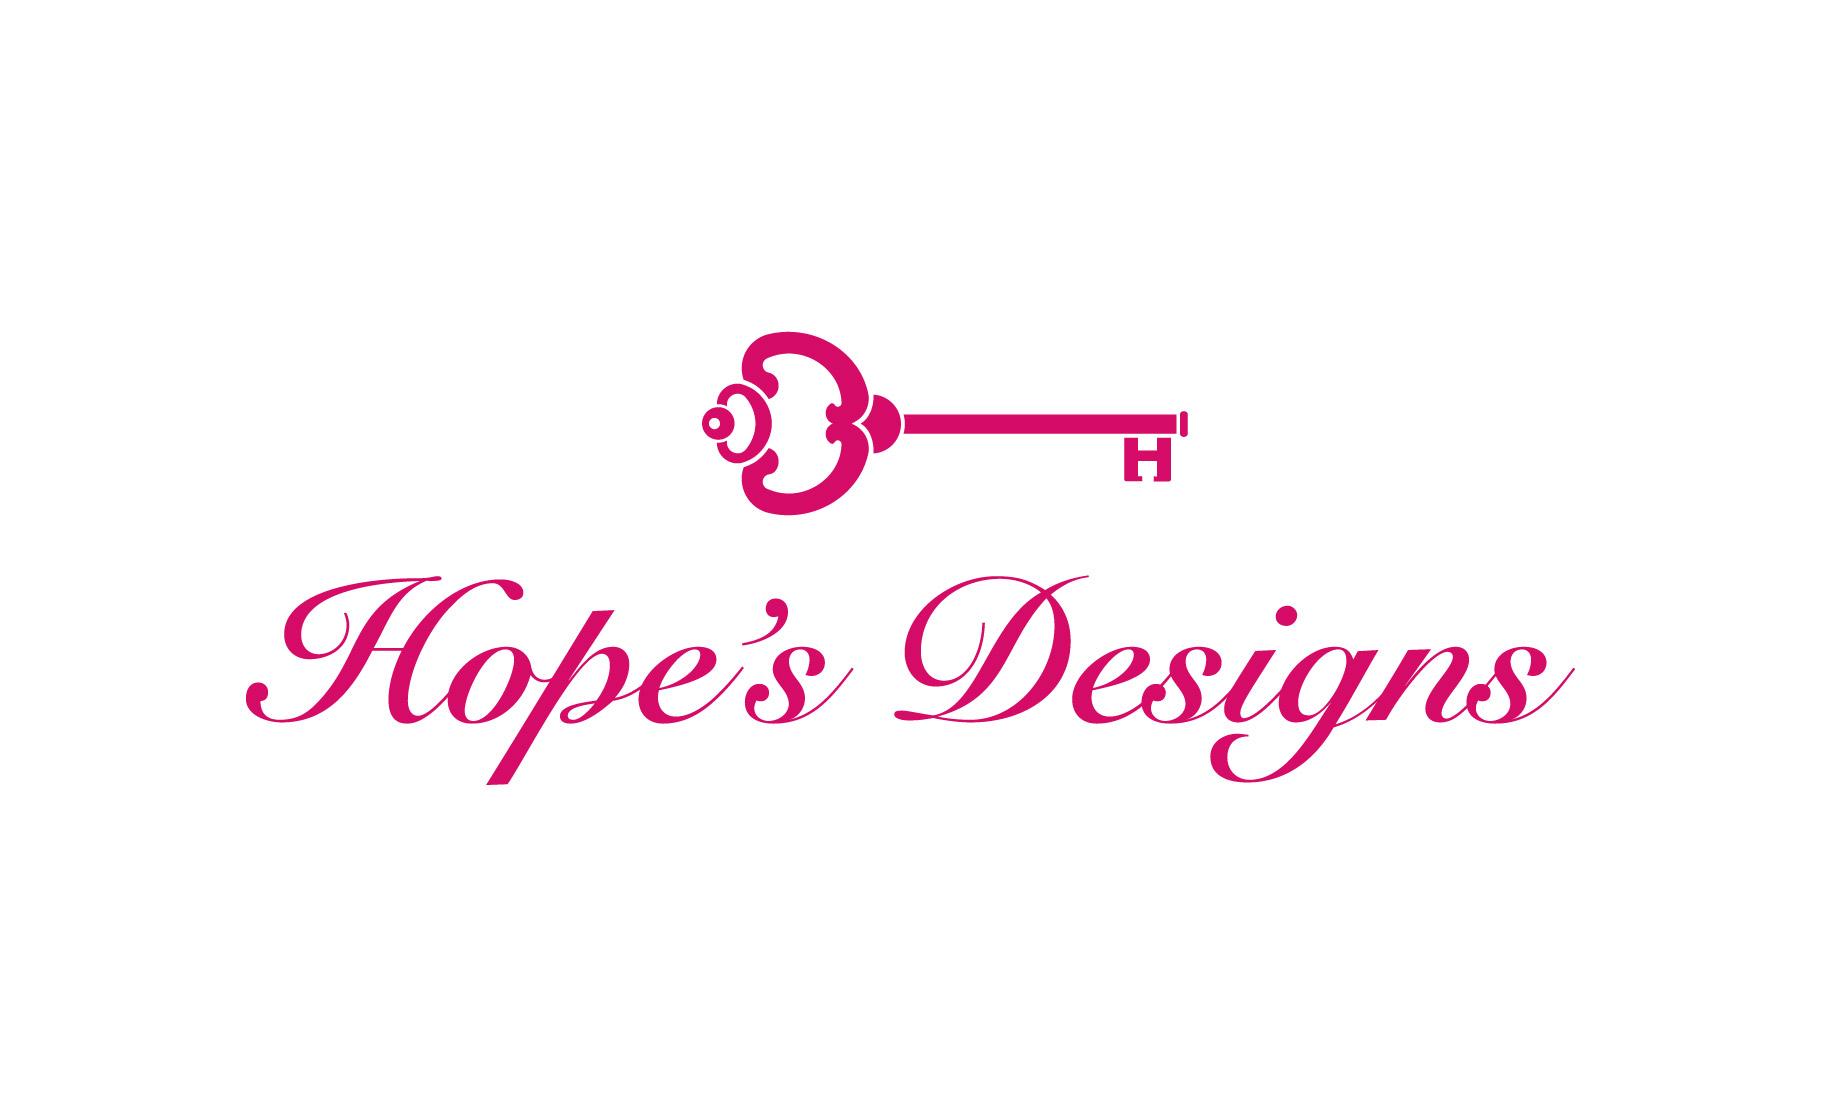 Hopesdesigns.com